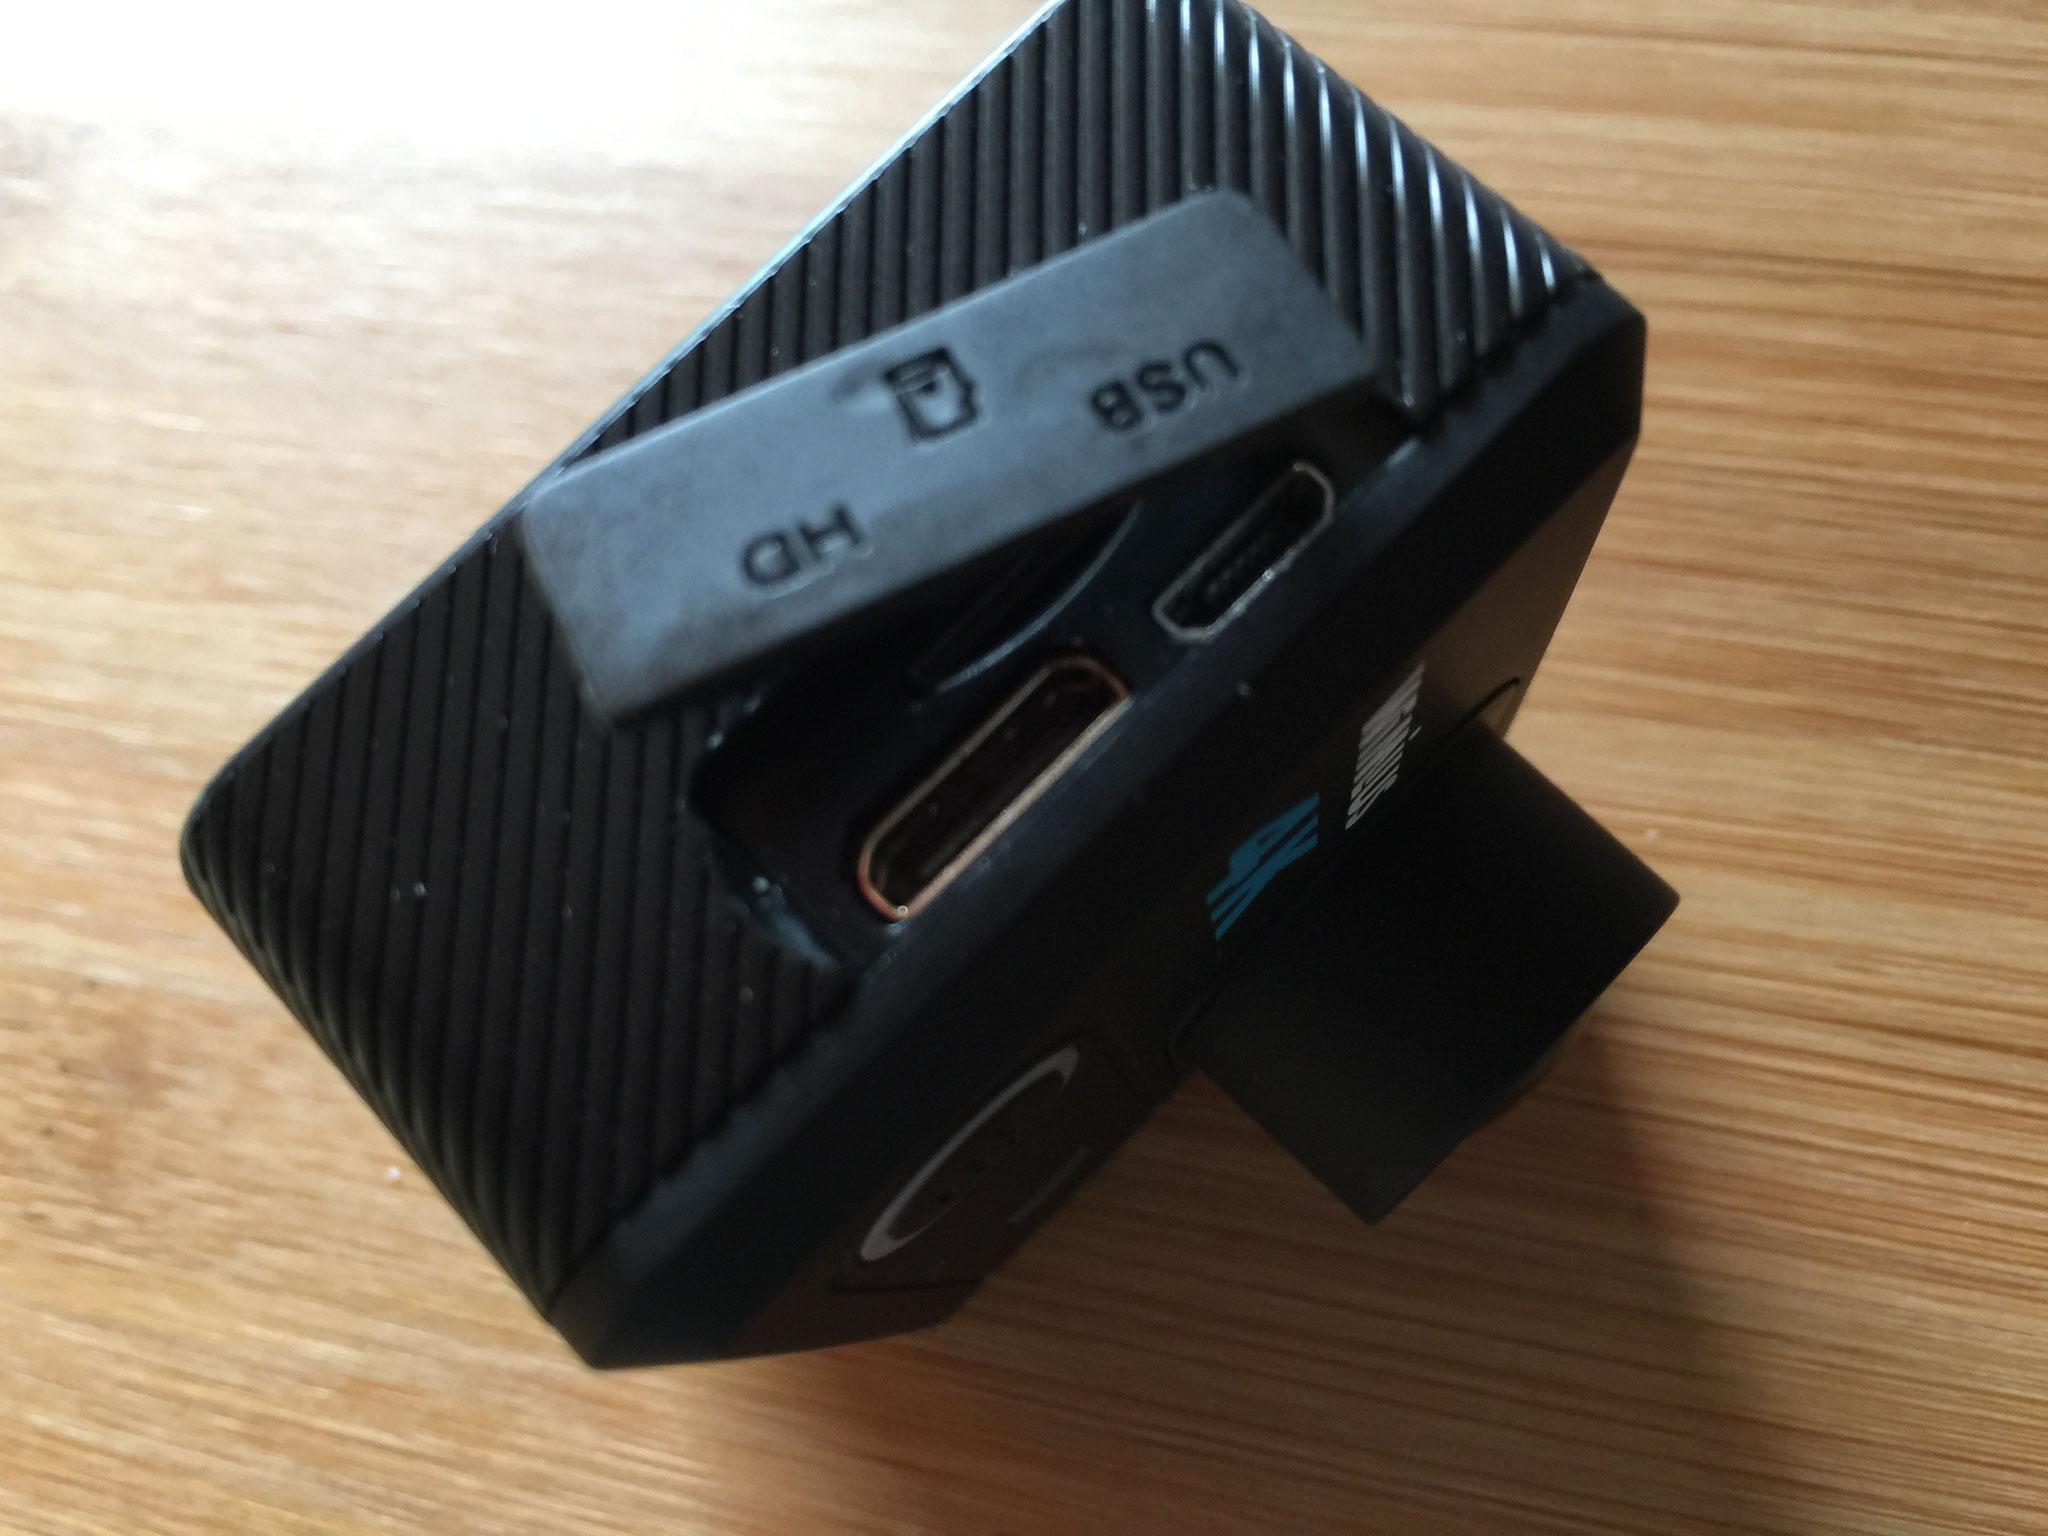 Abdecklasche für Anschlüsse und SD Card